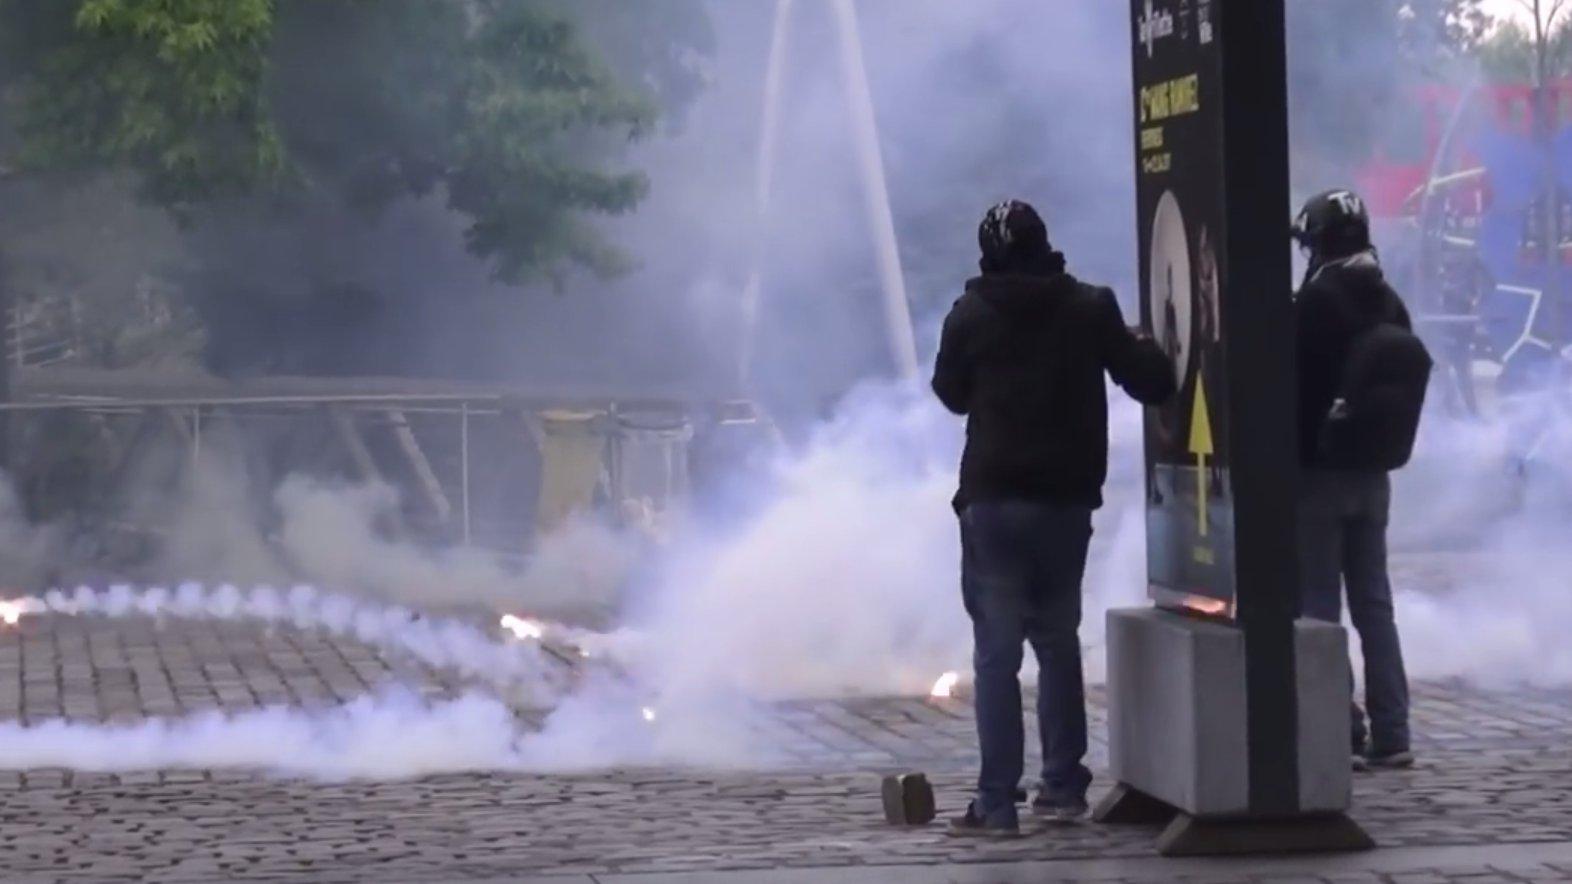 Rauch und Gebrüll – Proteste in Paris gegen Marine Le Pen